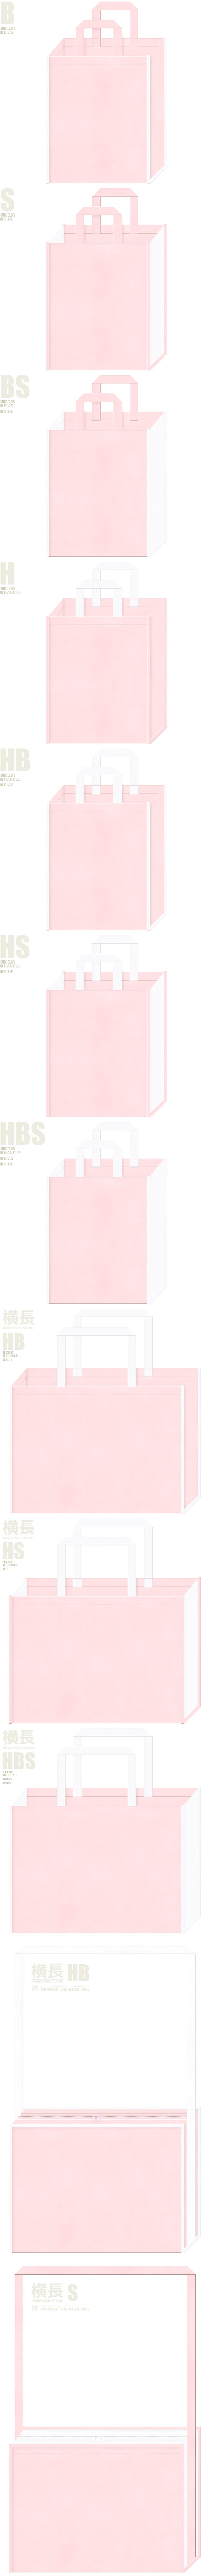 保育・福祉・介護・医療・うさぎ・白鳥・バレエ・ファンシー・パステルカラー・ガーリーデザインにお奨めの不織布バッグデザイン:桜色と白色の配色7パターン。